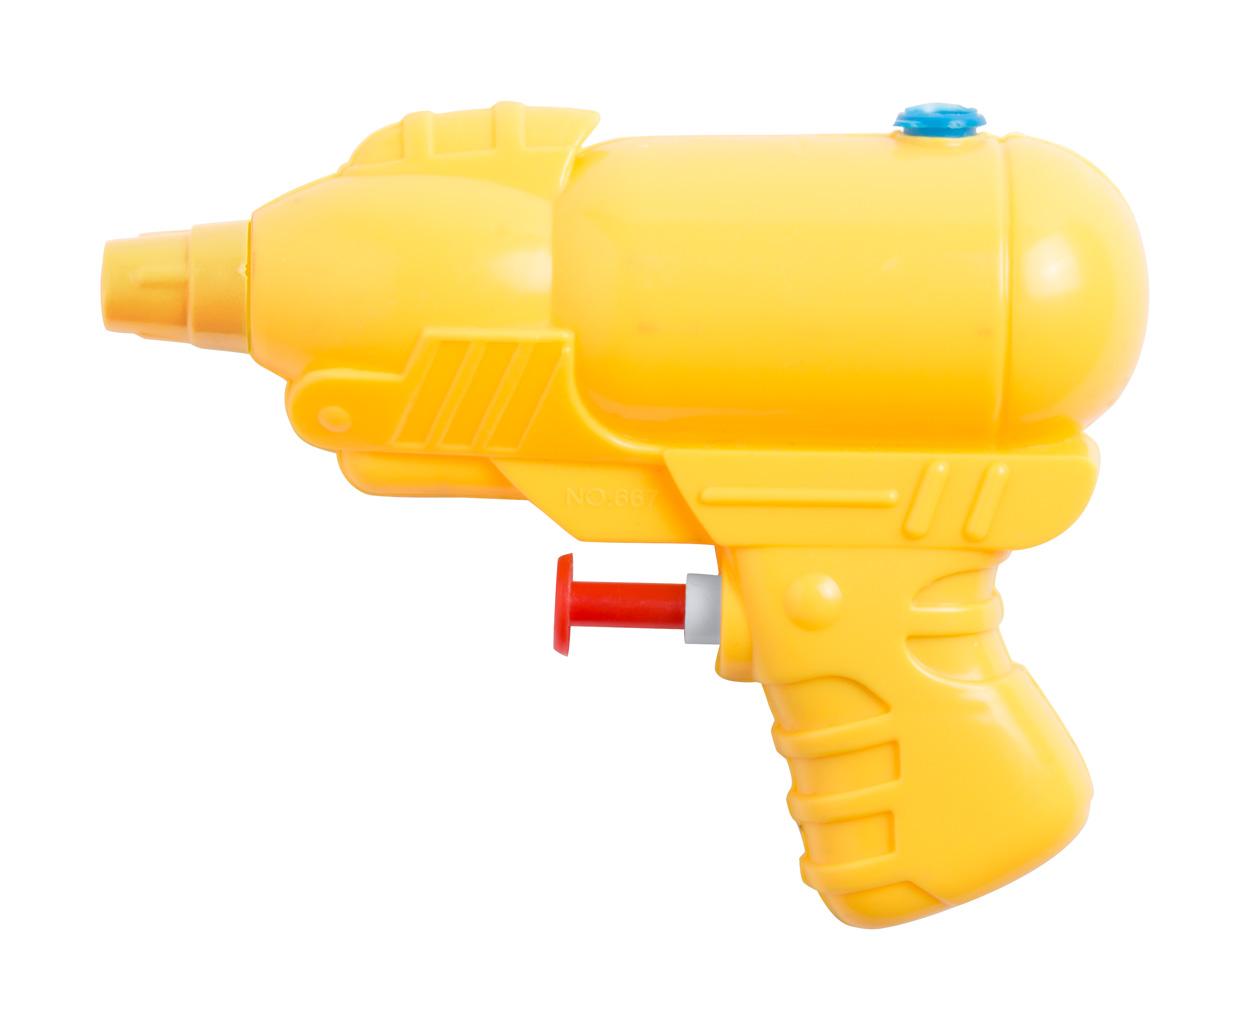 Daira water pistol